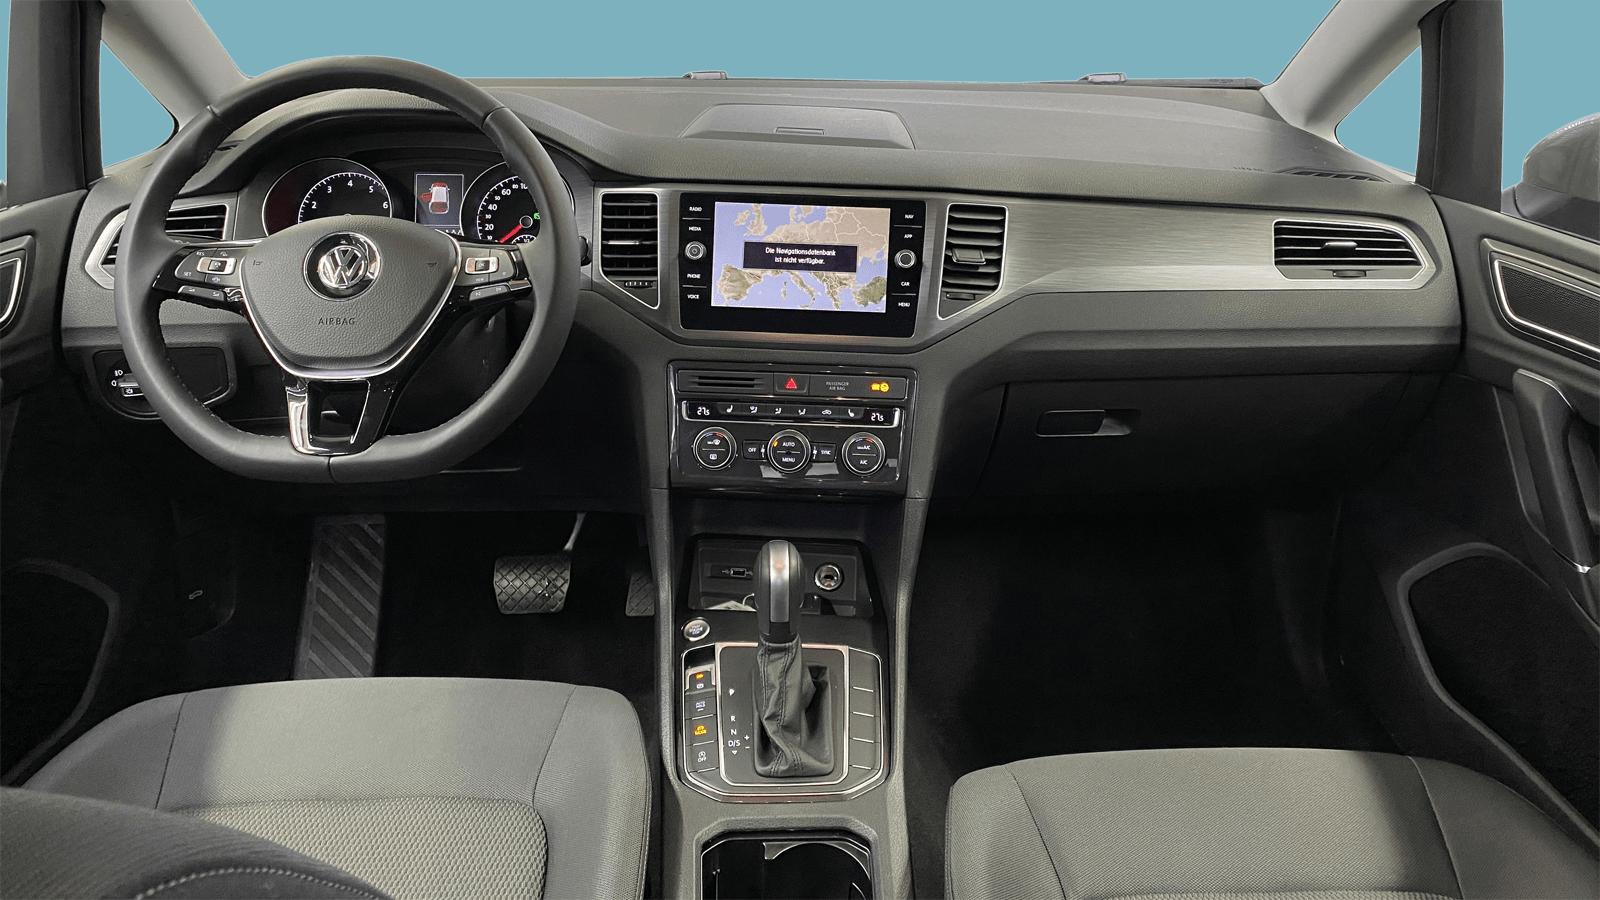 VW Golf Sportsvan Silver interior - Clyde car subscription